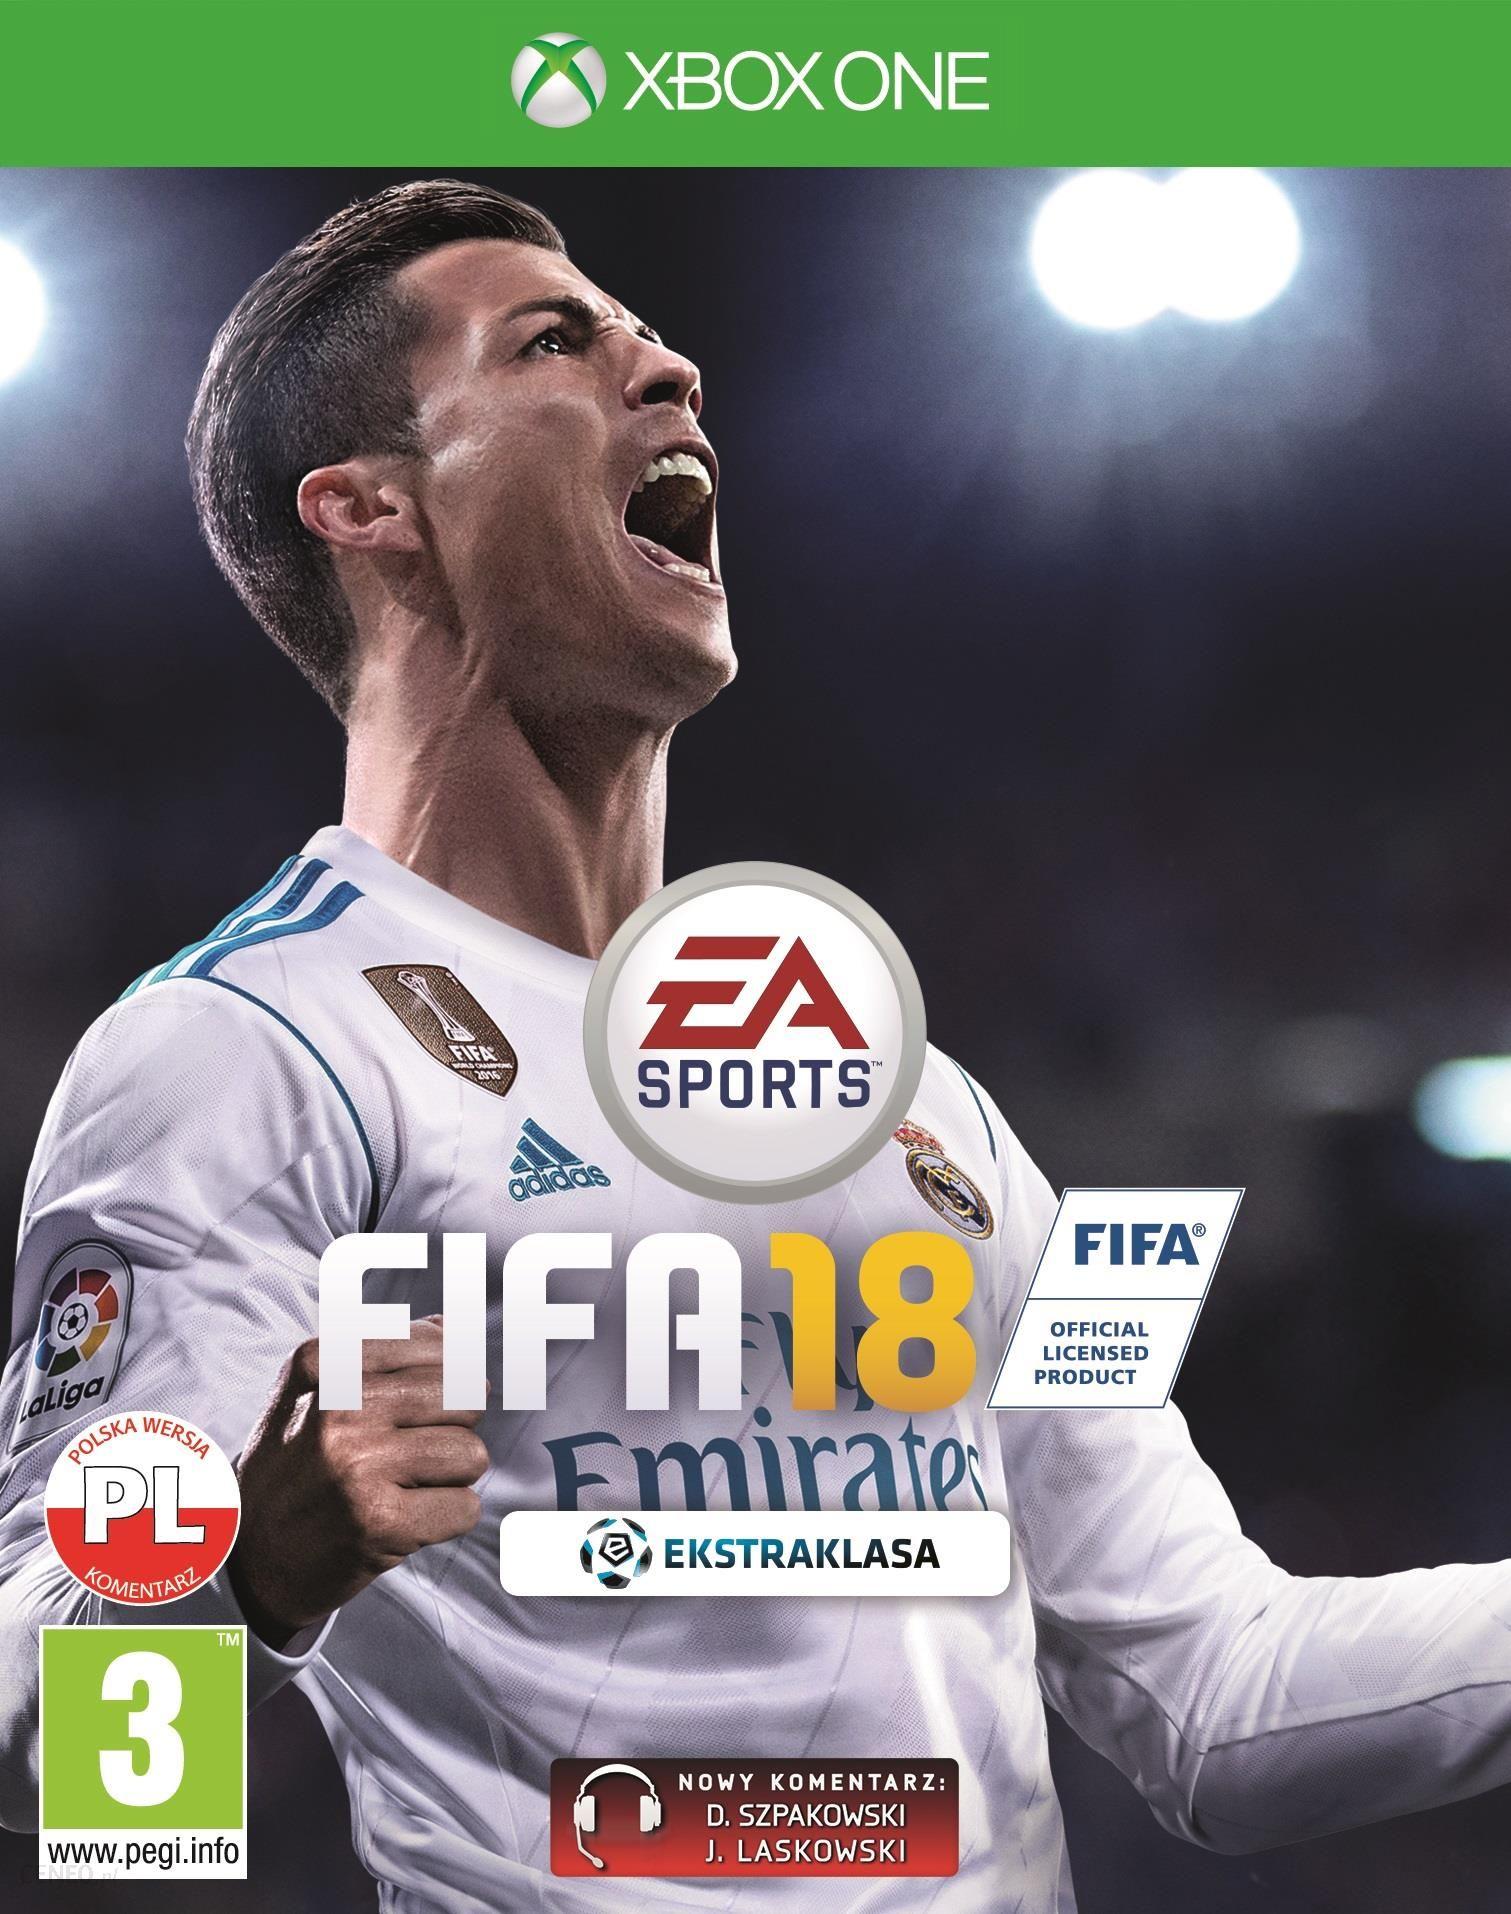 Fifa 18 Edycja Standardowa Gra Xbox One Od 39 99 Zl Ceny I Opinie Ceneo Pl